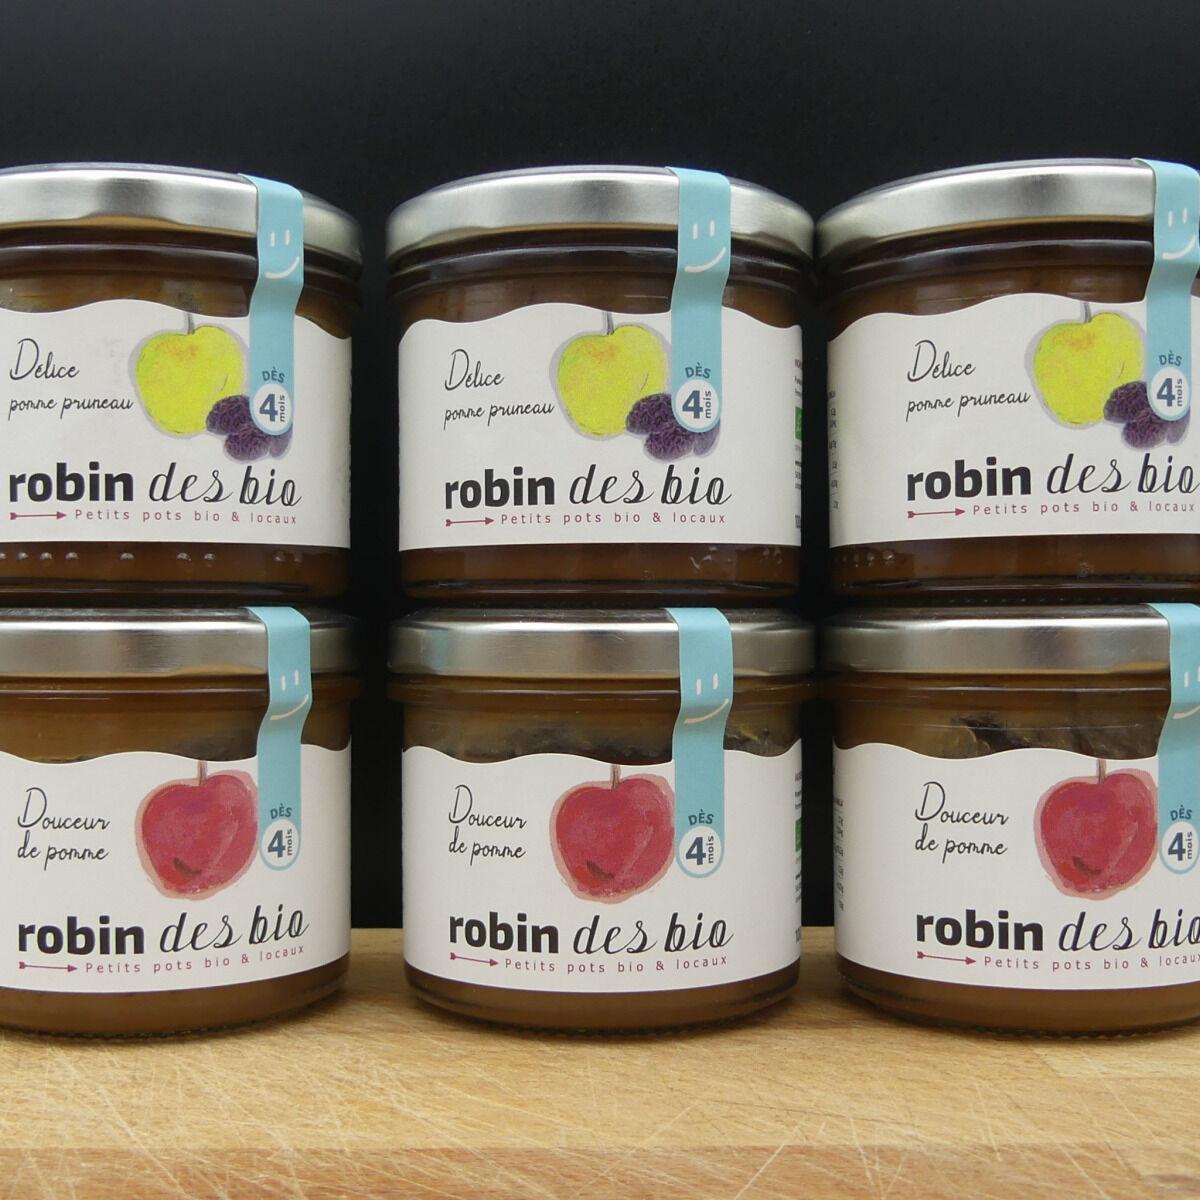 Robin des Bio Lot De Petit Pot Bébé Bio Et Locaux - 3x Pomme Pruneaux - 3x Pomme (dès 4 Mois)